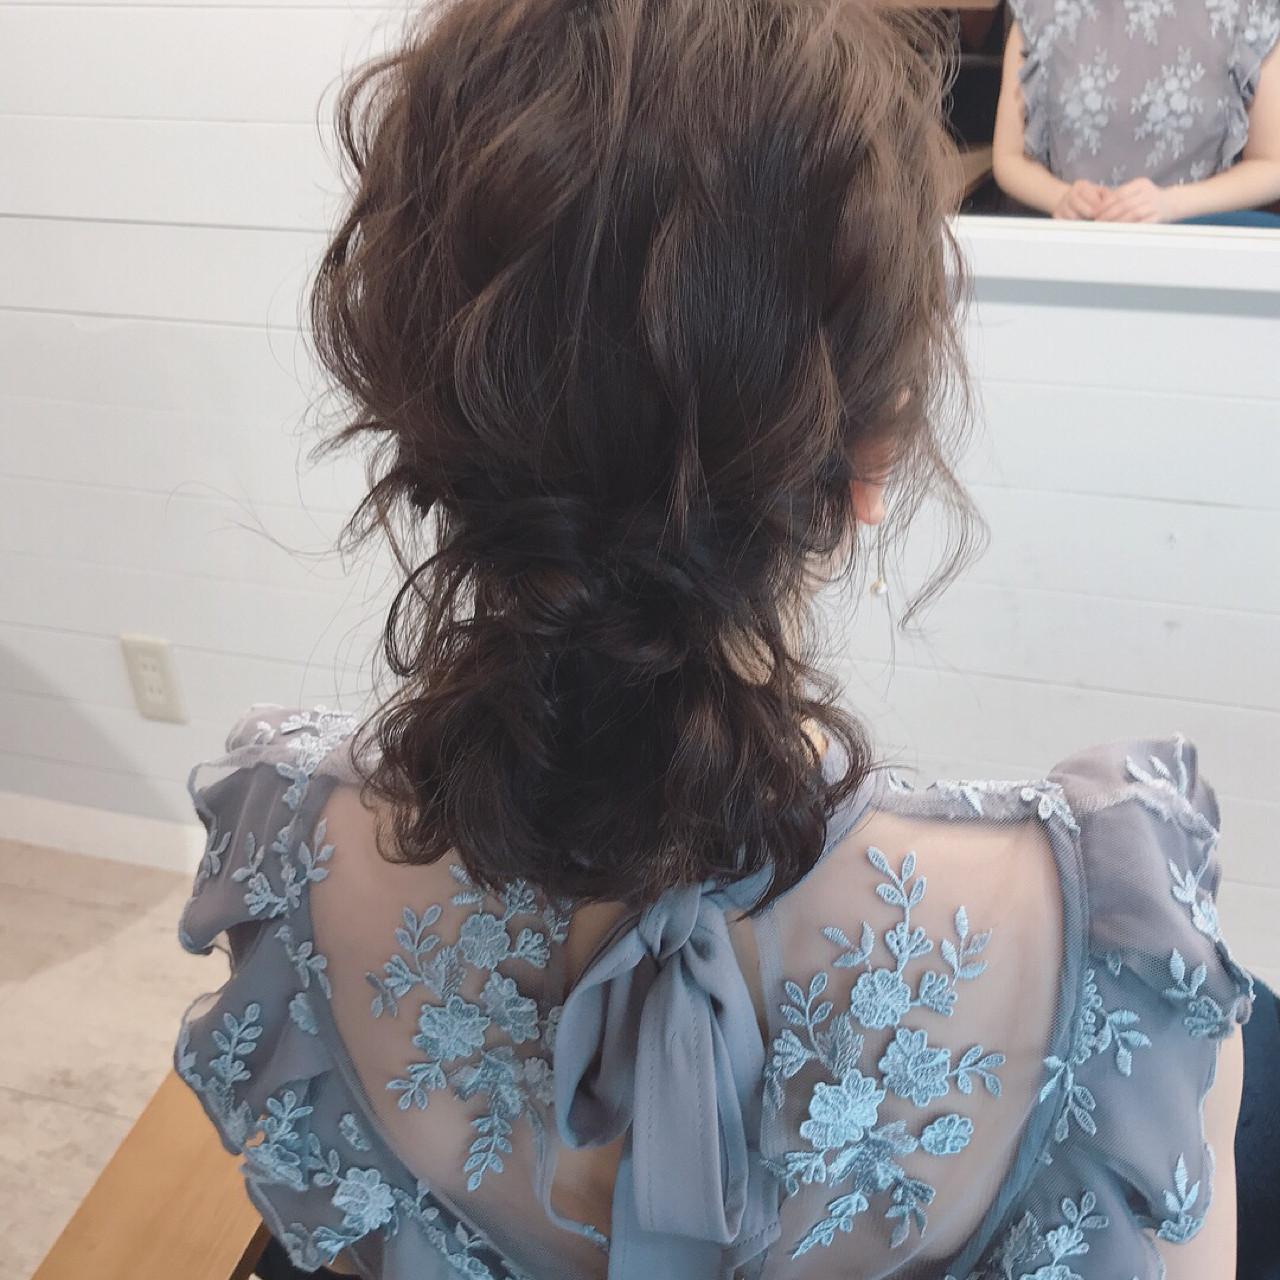 ボブ 結婚式 ナチュラル デート ヘアスタイルや髪型の写真・画像